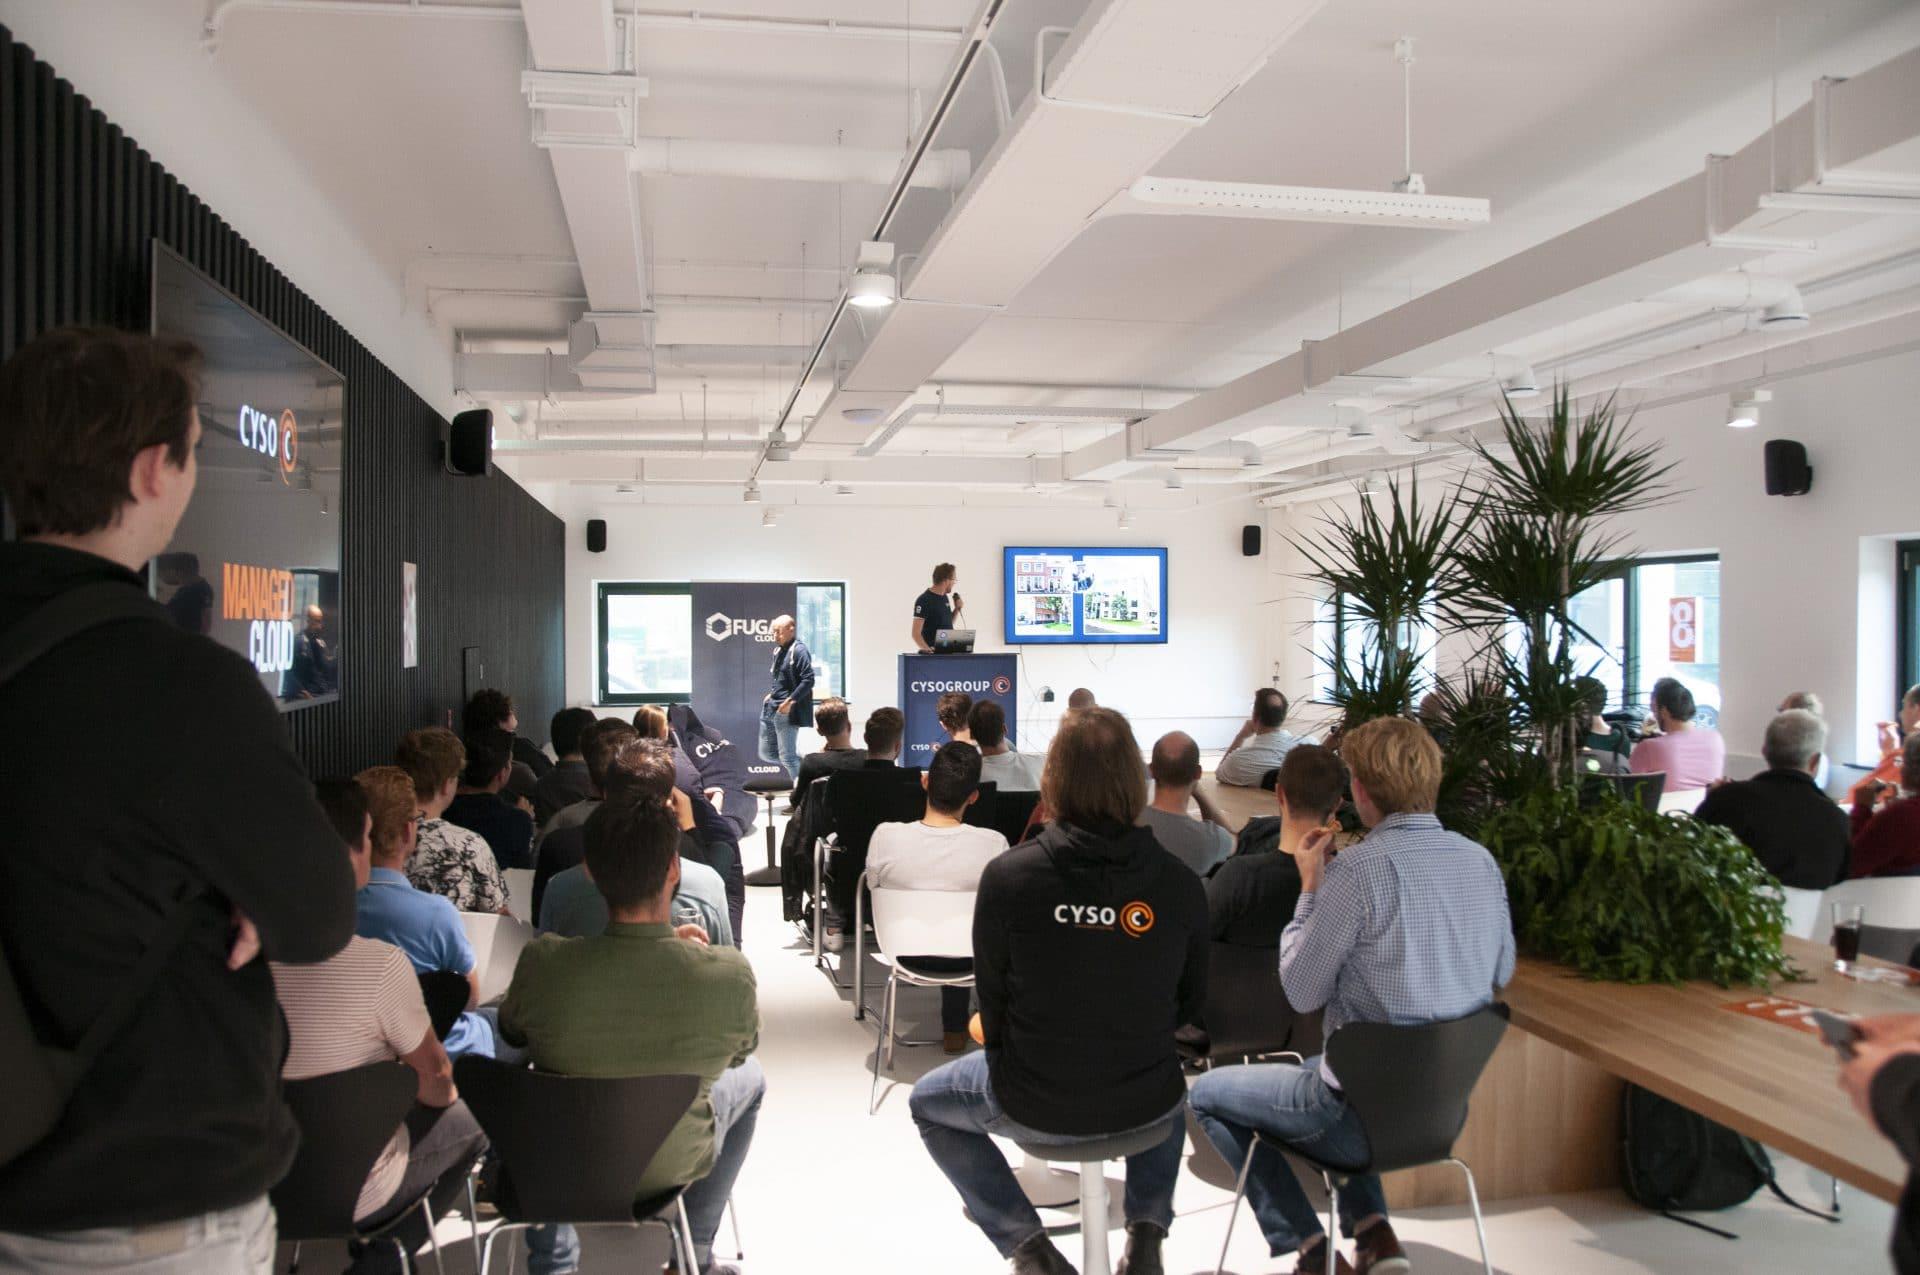 volle zaal tijdens developer meetup bij Cyso